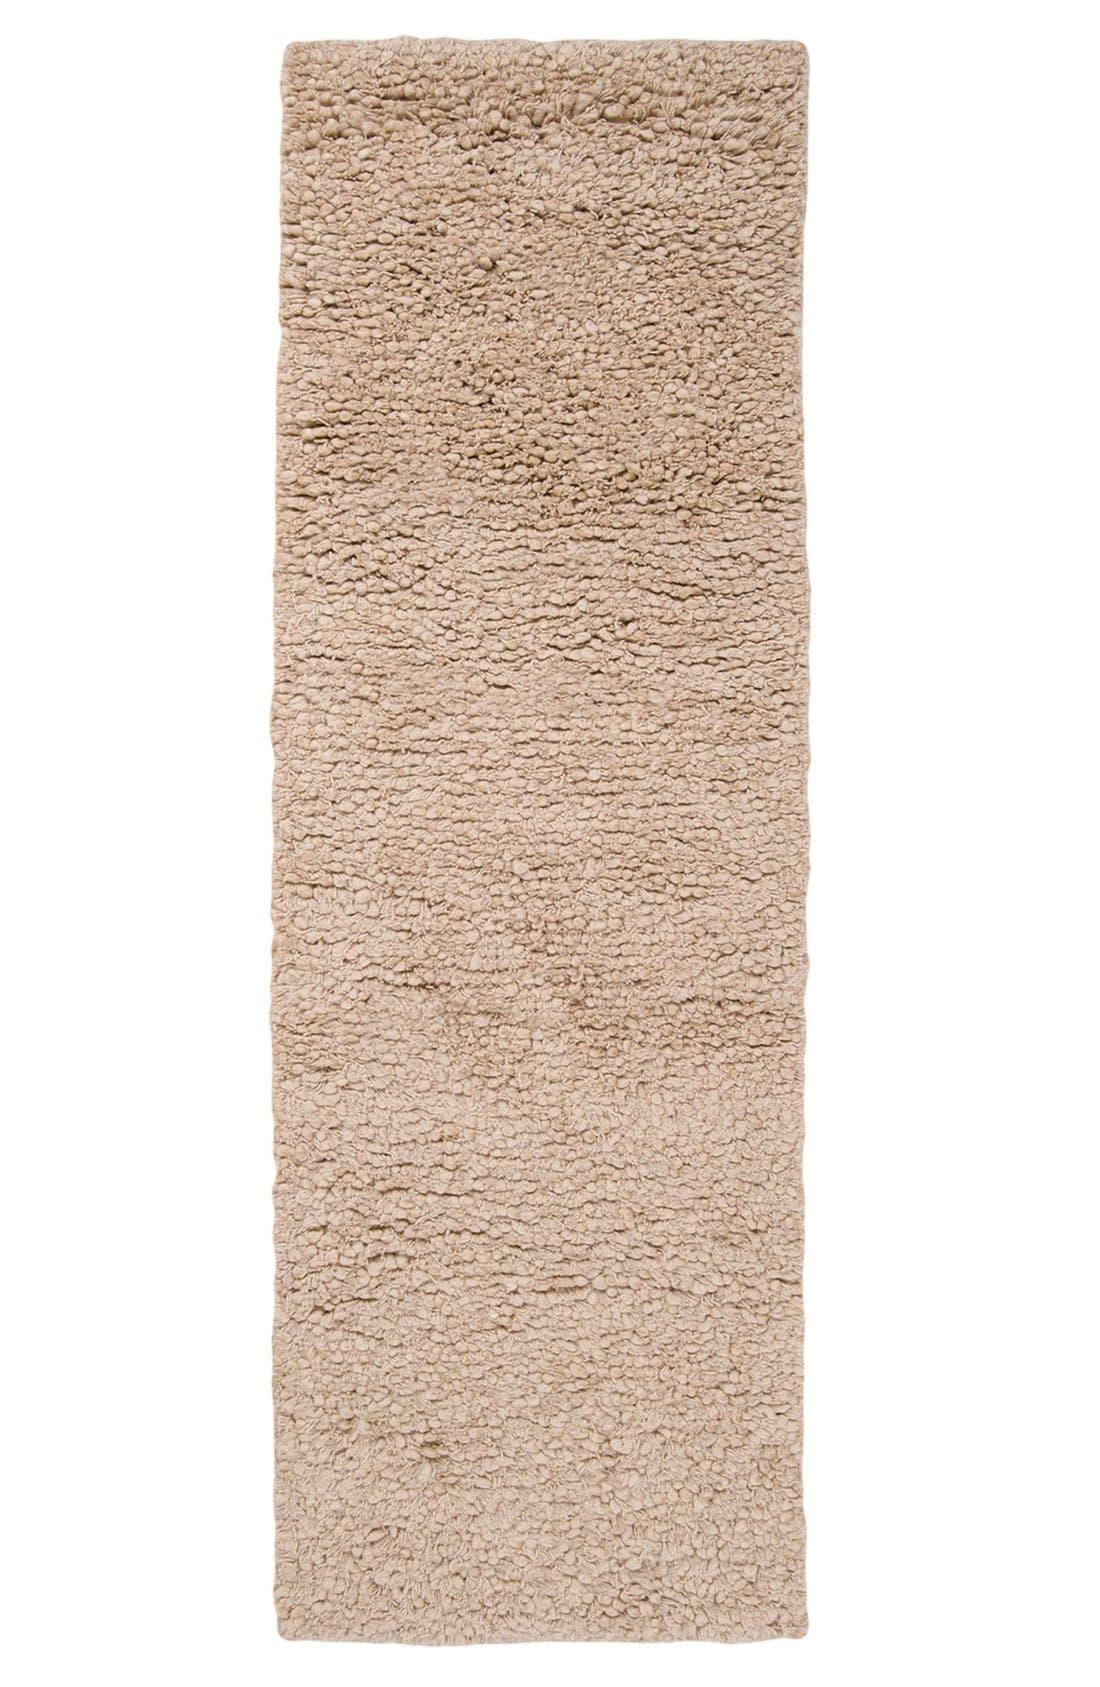 'Metropolitan' Wool Rug,                             Alternate thumbnail 2, color,                             Beige